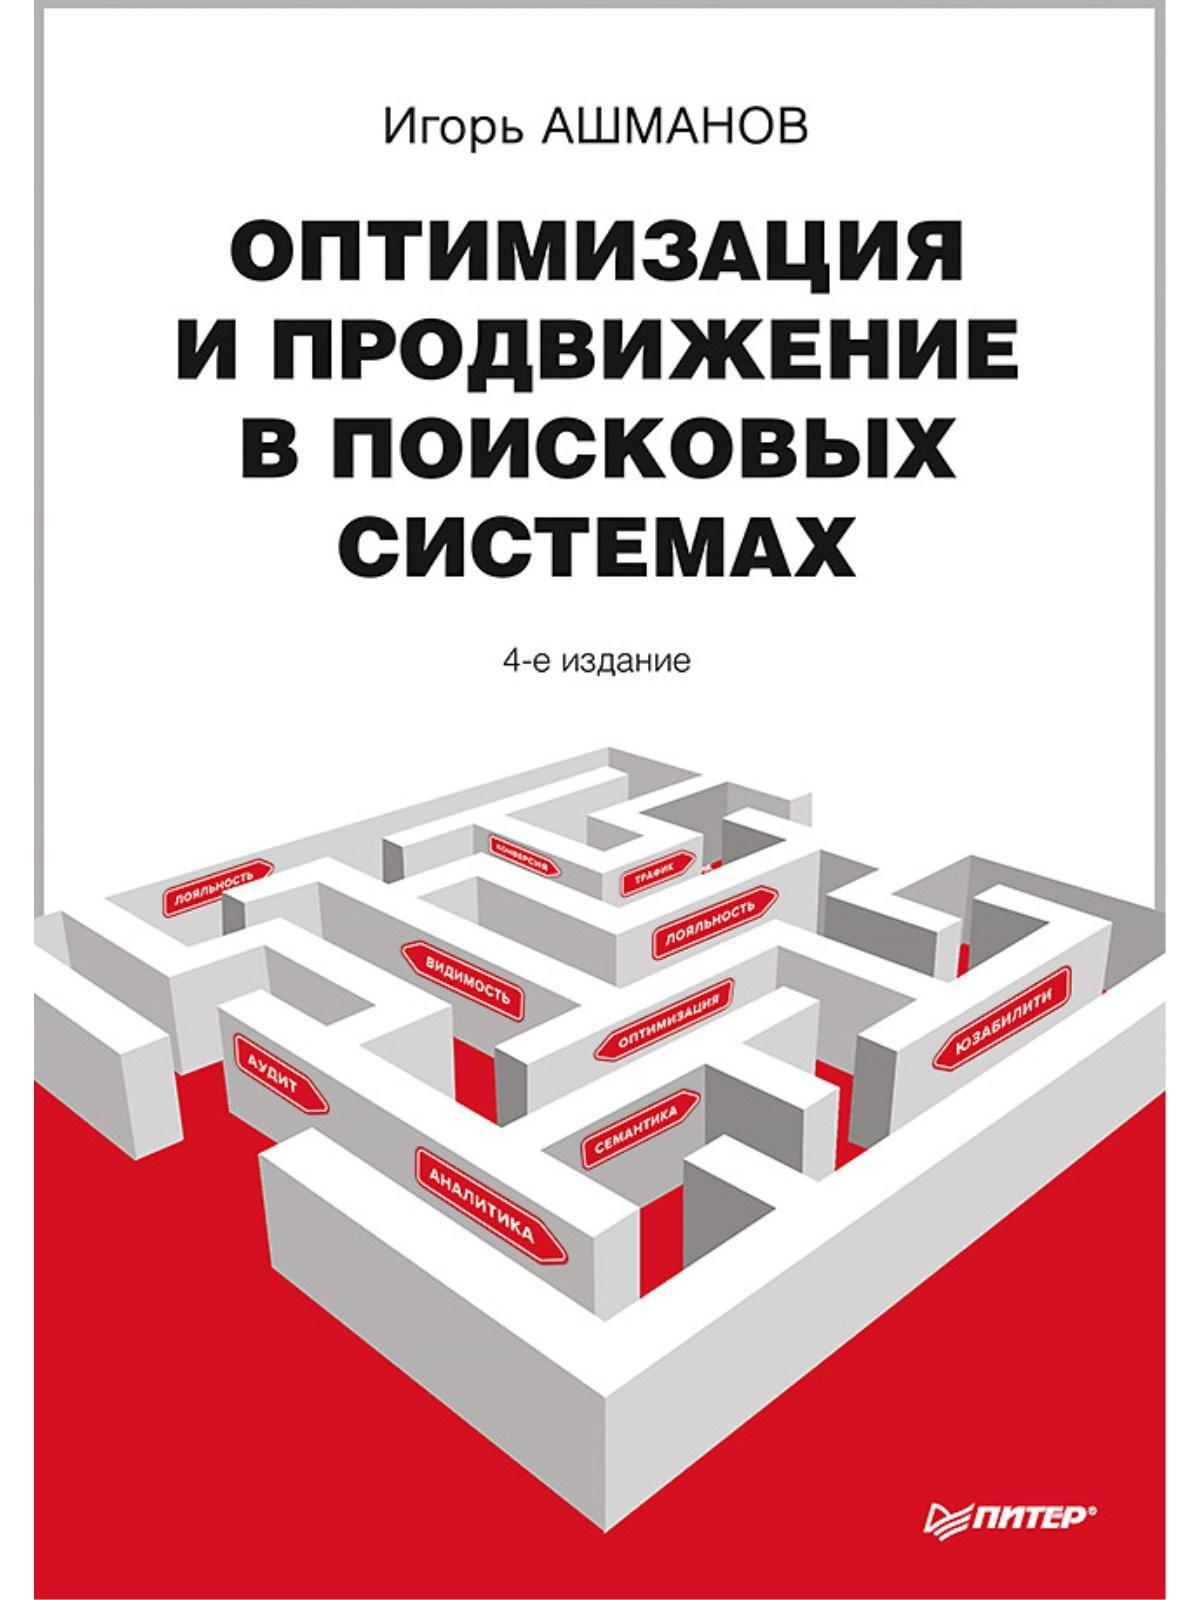 Ашманов Игорь Оптимизация и продвижение в поисковых системах. 4-е изд.